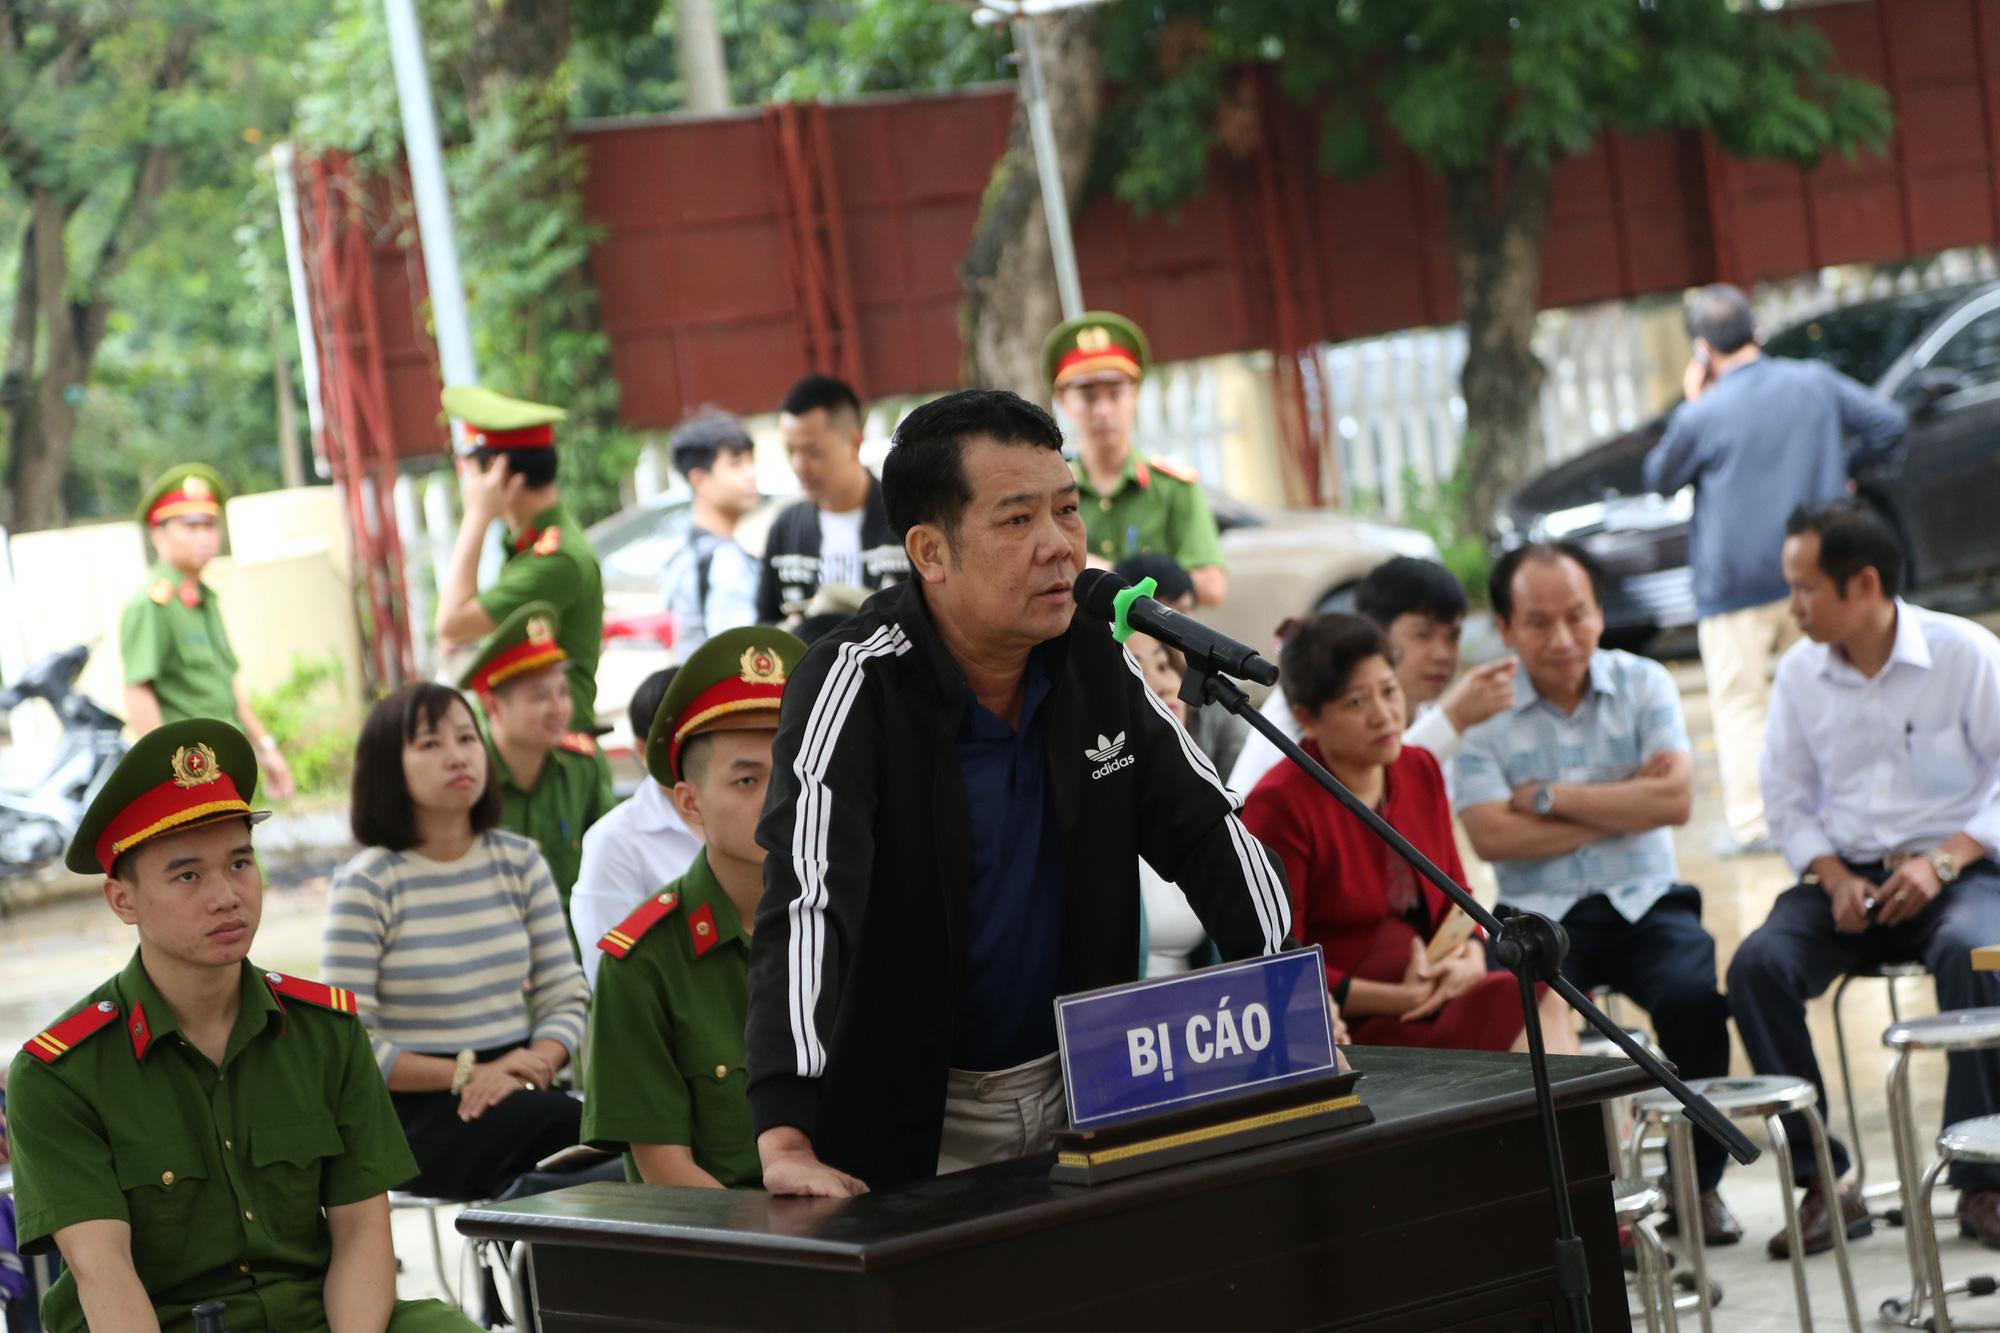 Ảnh: Phiên toà xét xử Giám đốc rút súng doạ 'bắn vỡ sọ' tài xế xe tải - Ảnh 3.